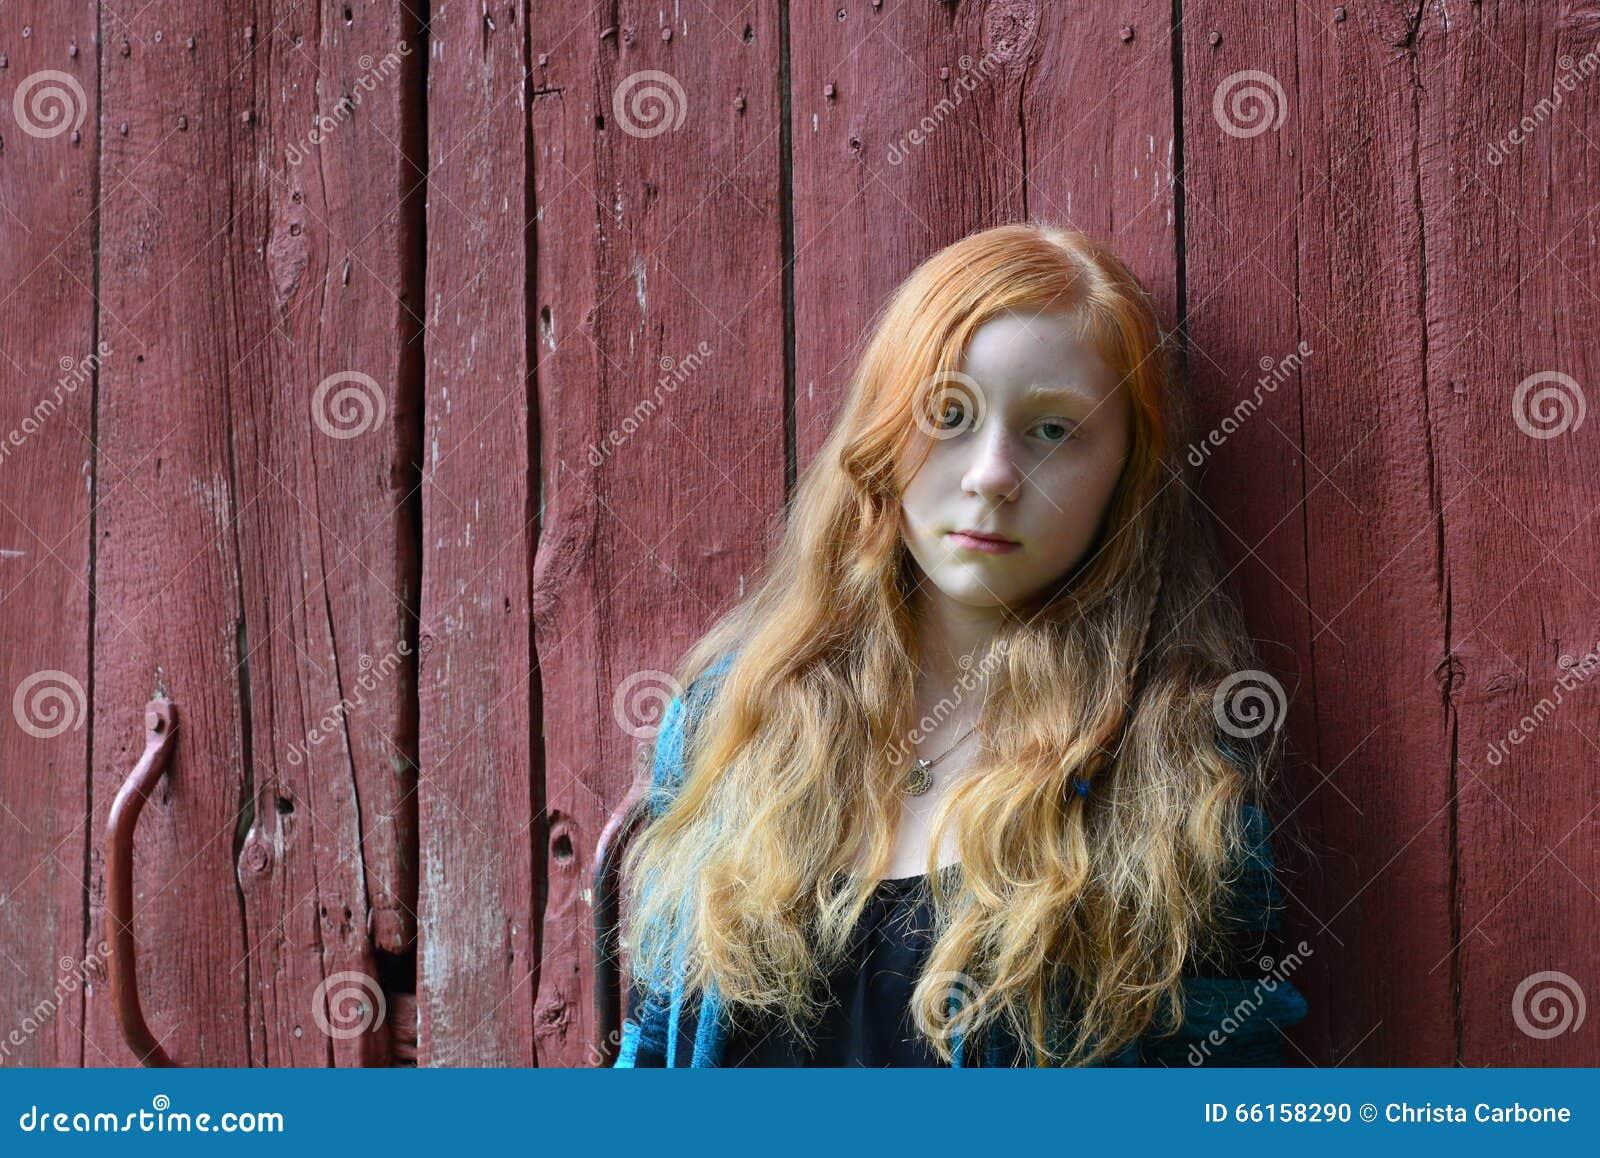 Rehhead teens in barn